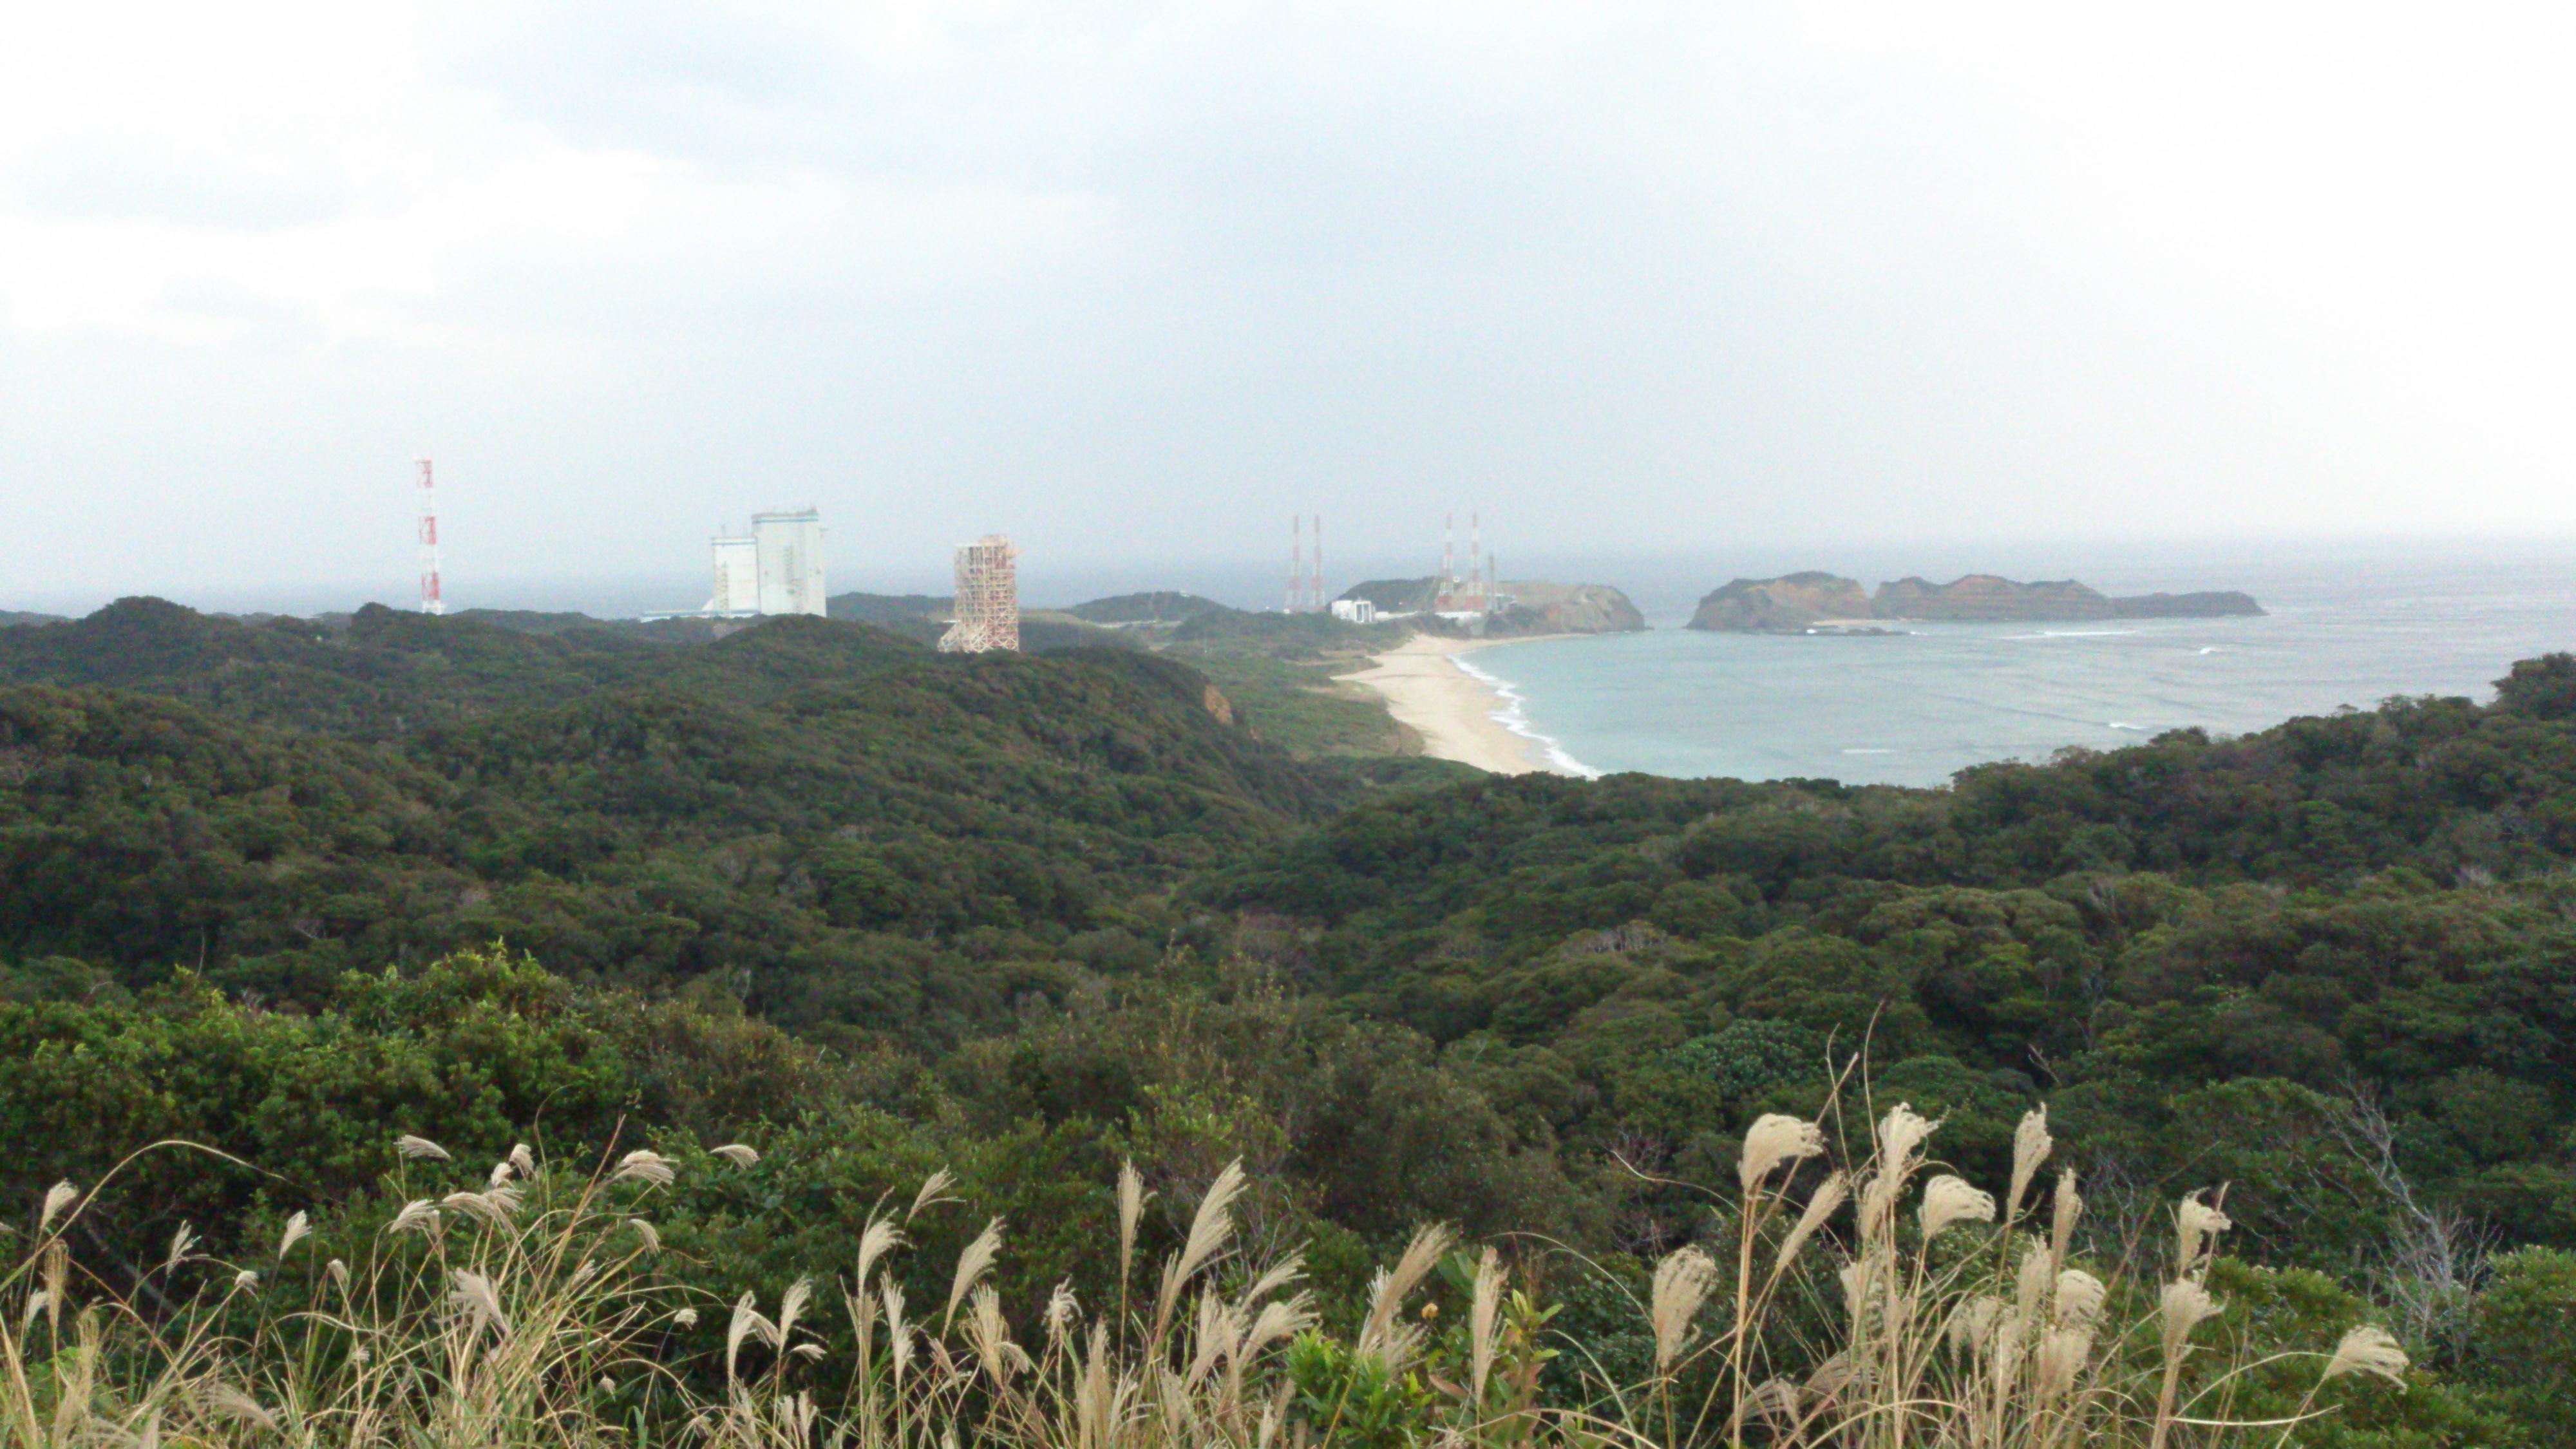 2012年12月。僕は種子島を一人で旅した:道路沿いにある脇道からきれいな海と発射台が見える